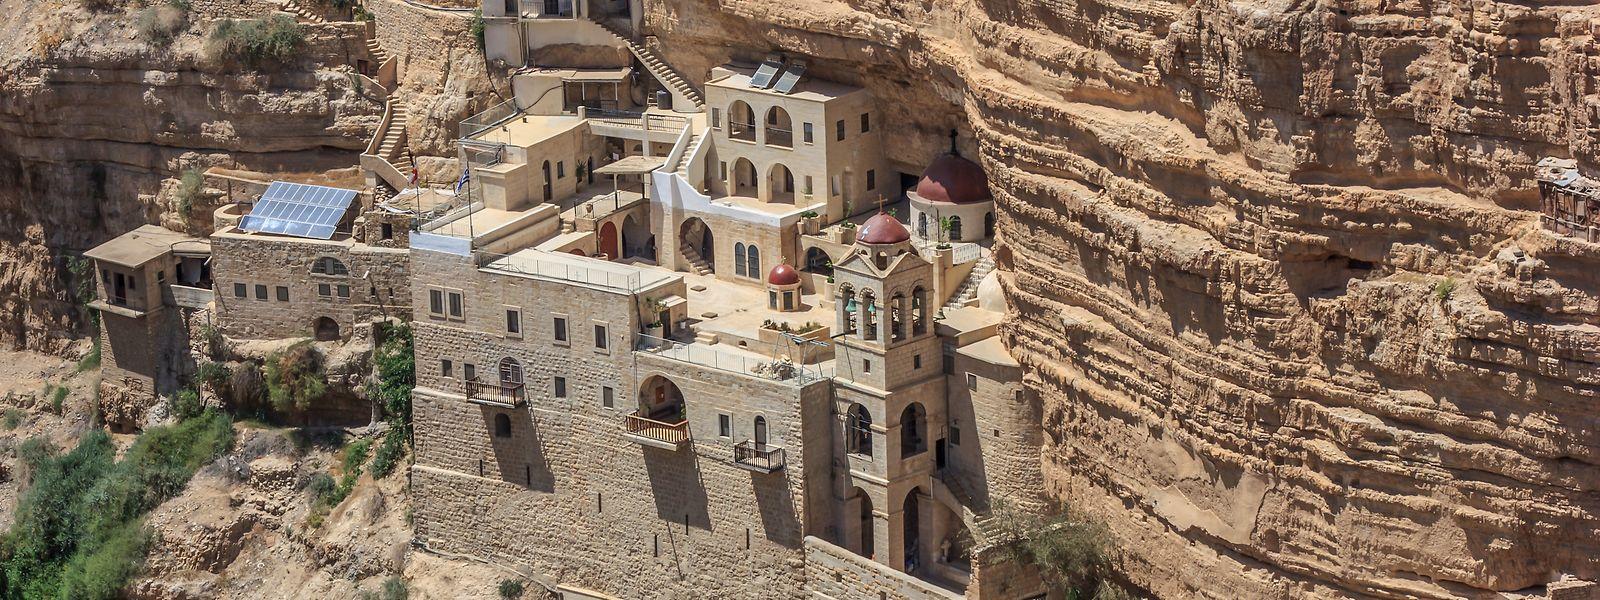 Blick auf das Kloster St. Georg, etwa fünf Kilometer westlich von Jericho.